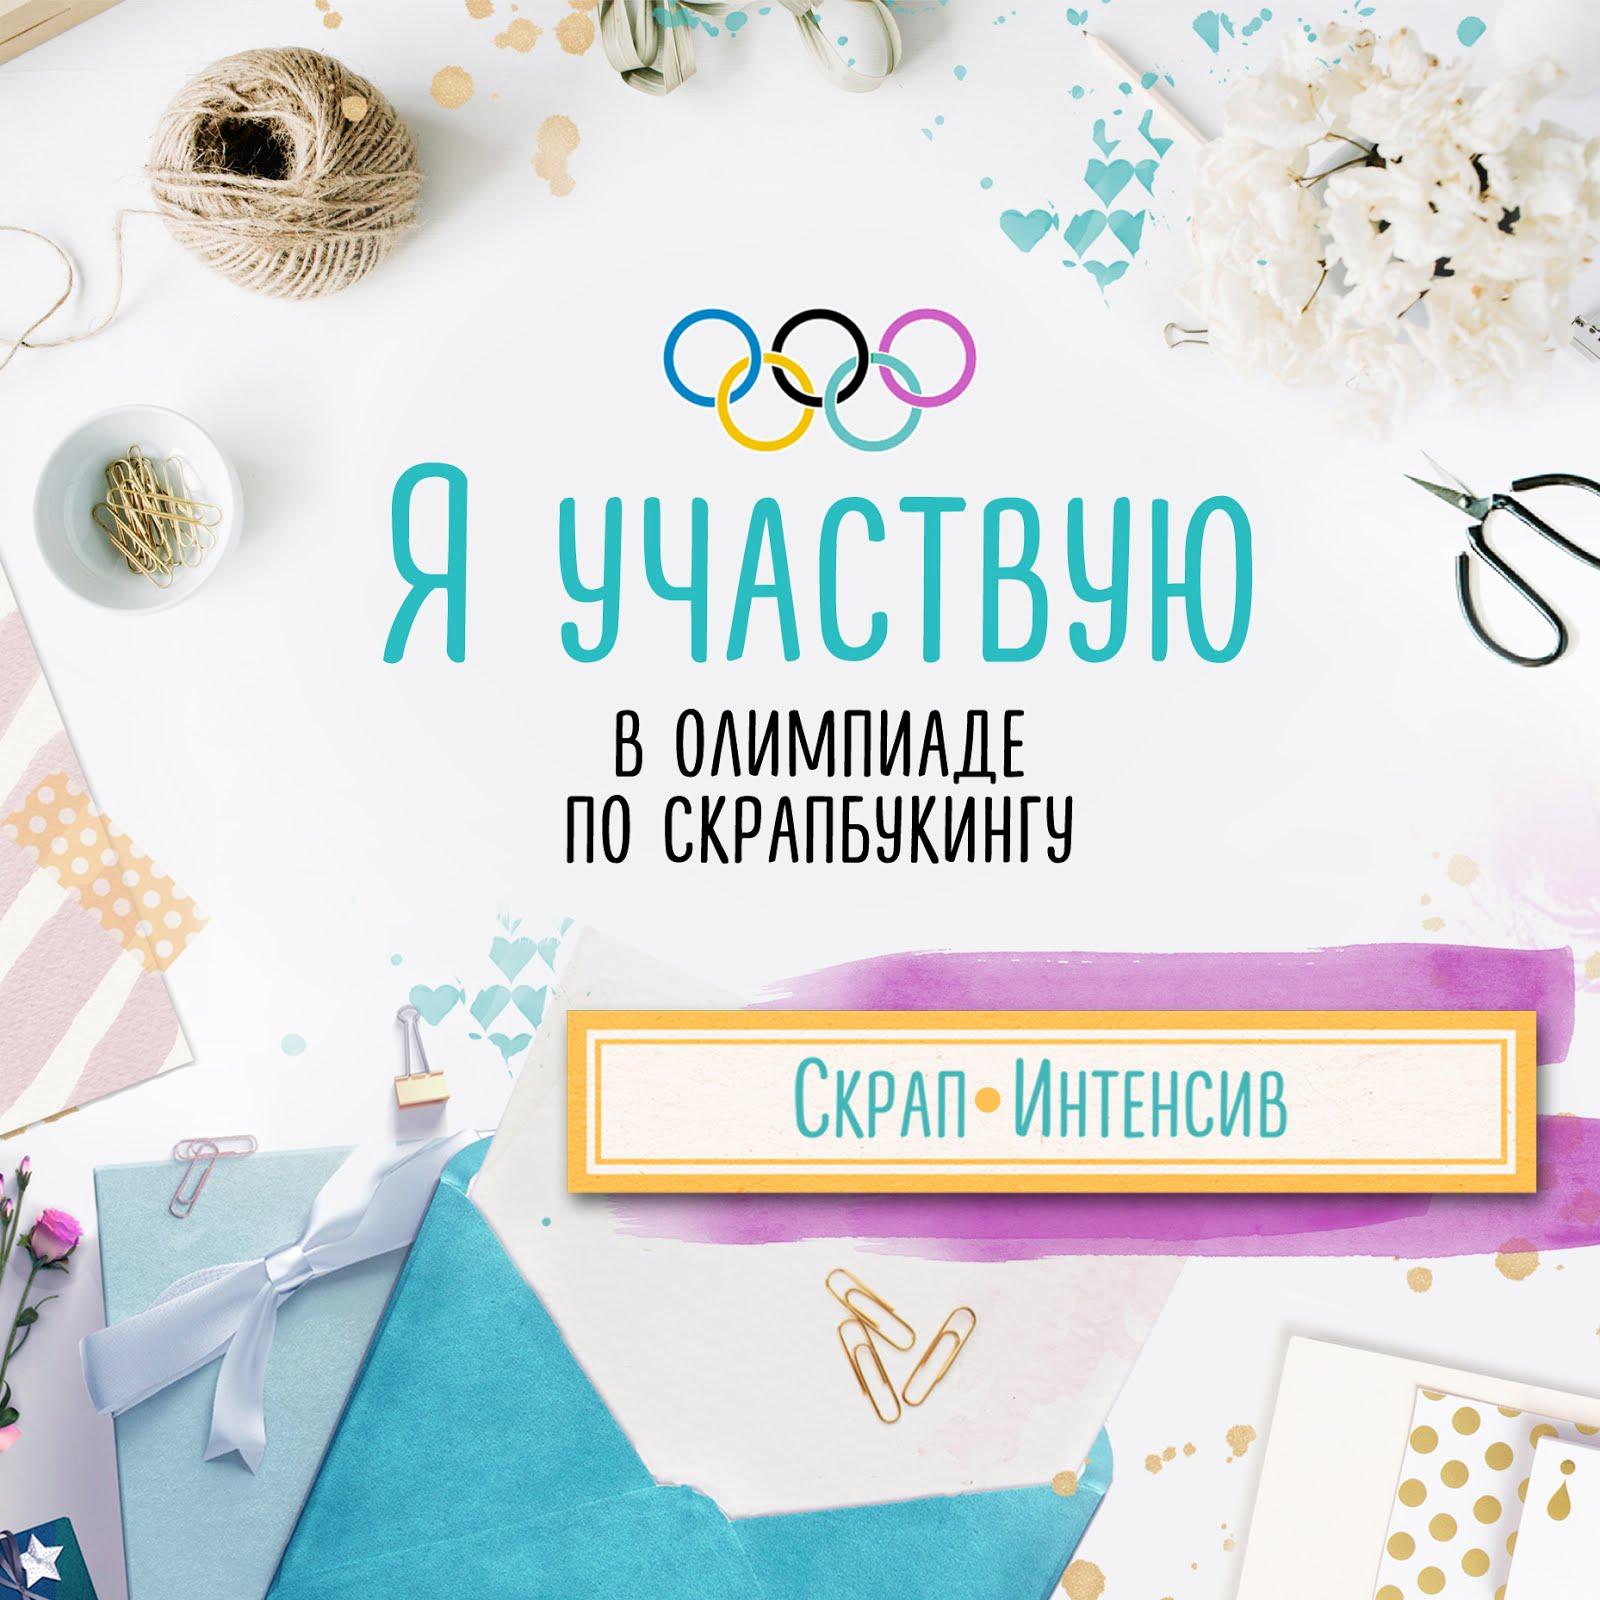 Я участвую в олимпиаде по скрапбукингу.